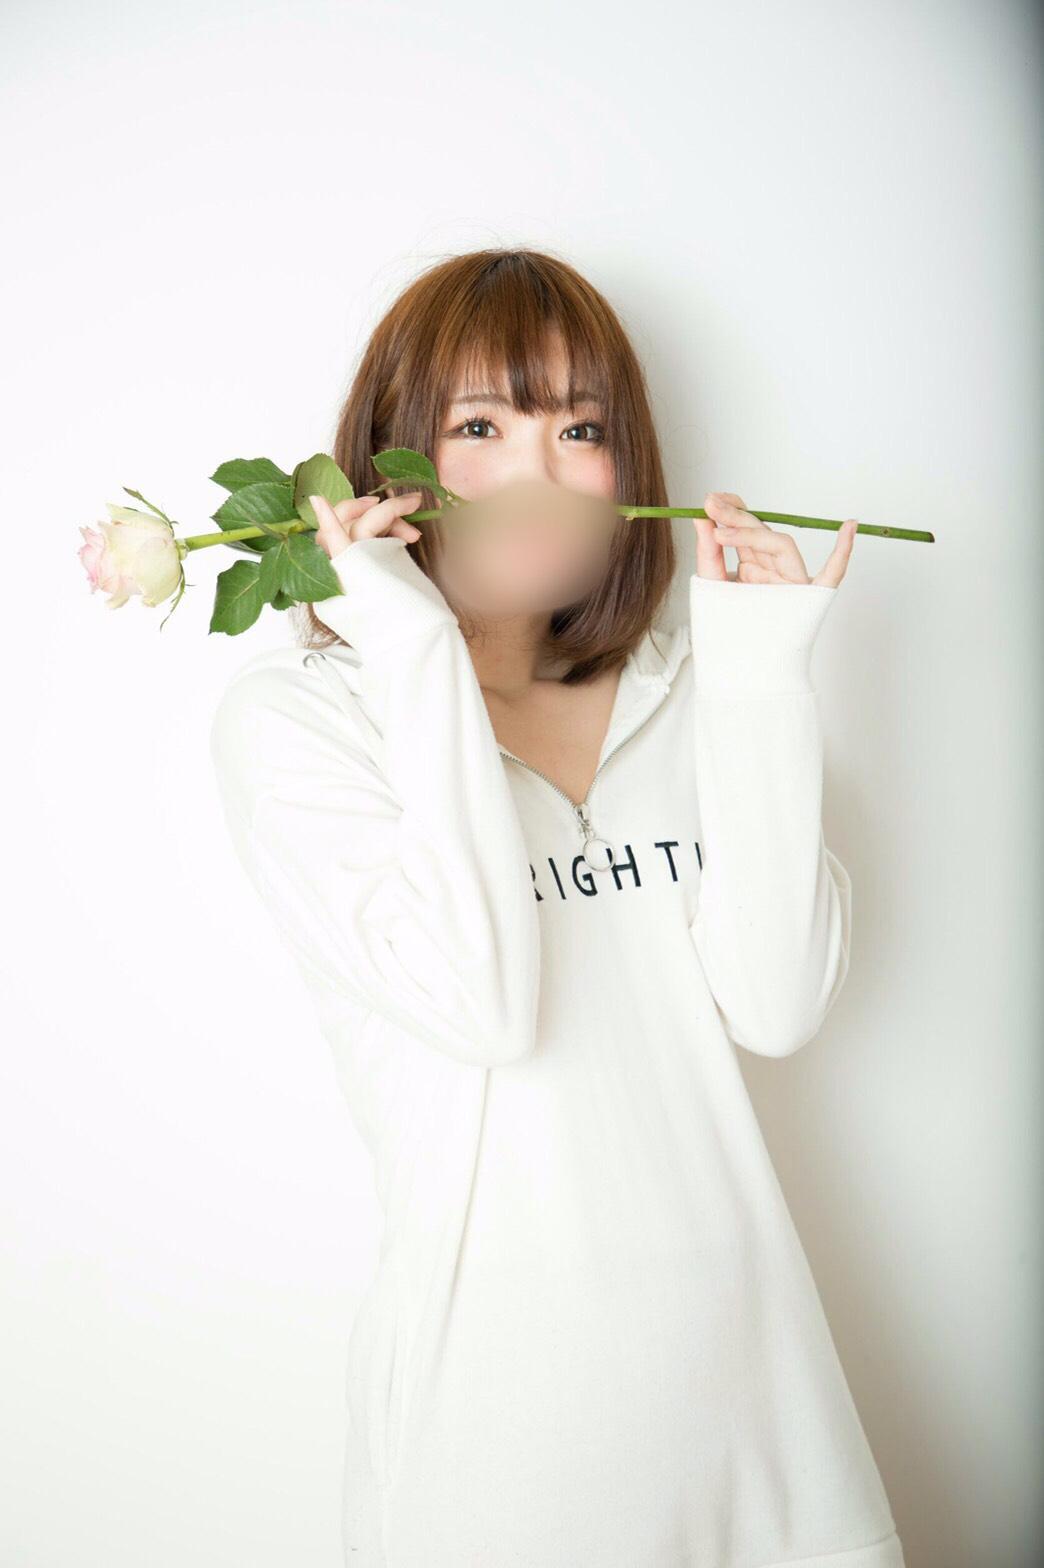 Shinjuku Escort girl Mitsu Photos